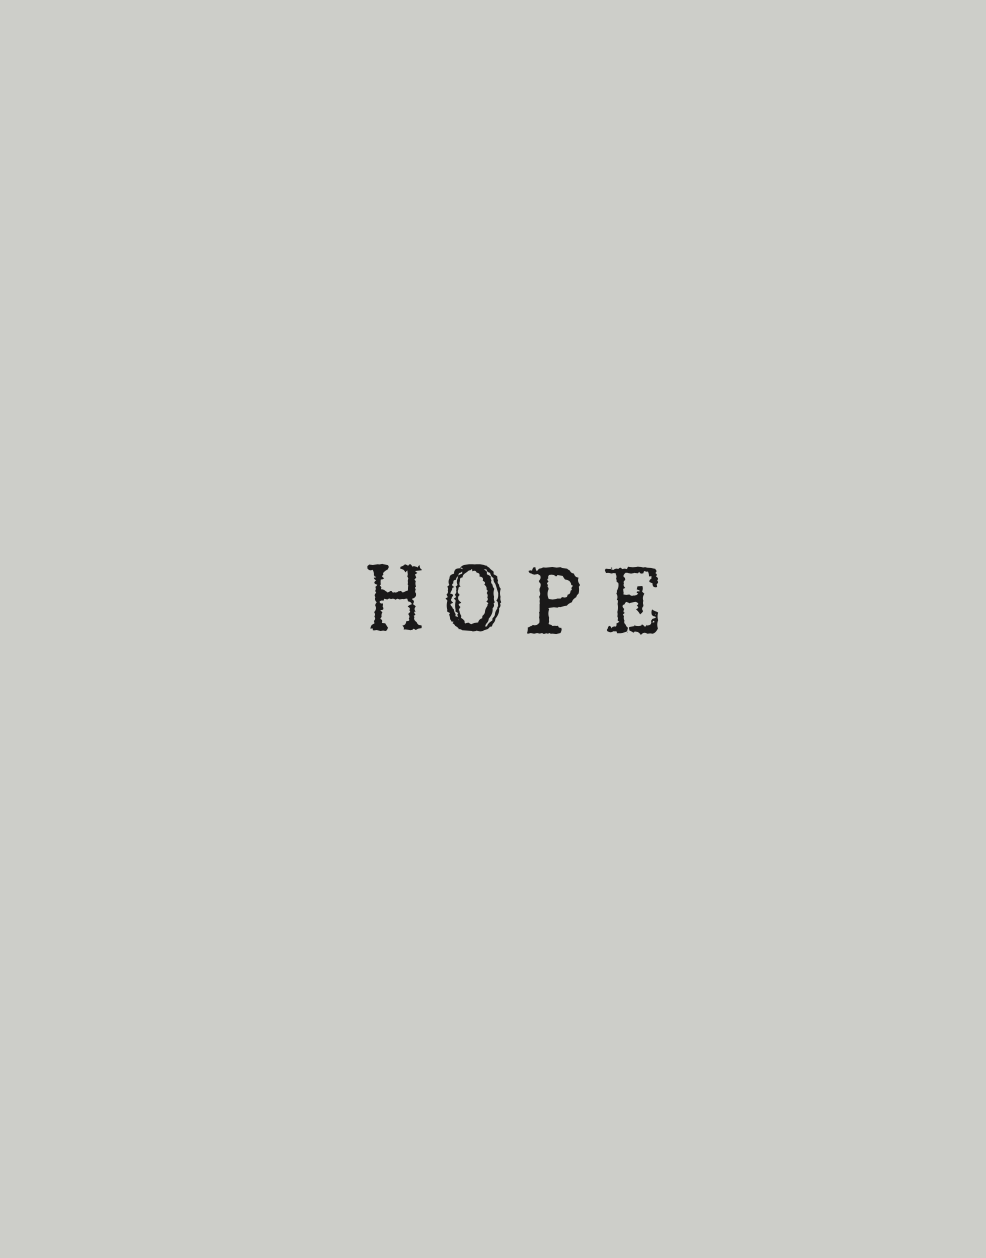 HOPE, Birgir Snæbjörn Birgisson, Hafnarborg Art Museum, Hafnarfjörður, Iceland, 2016  CLICK FOR A PDF